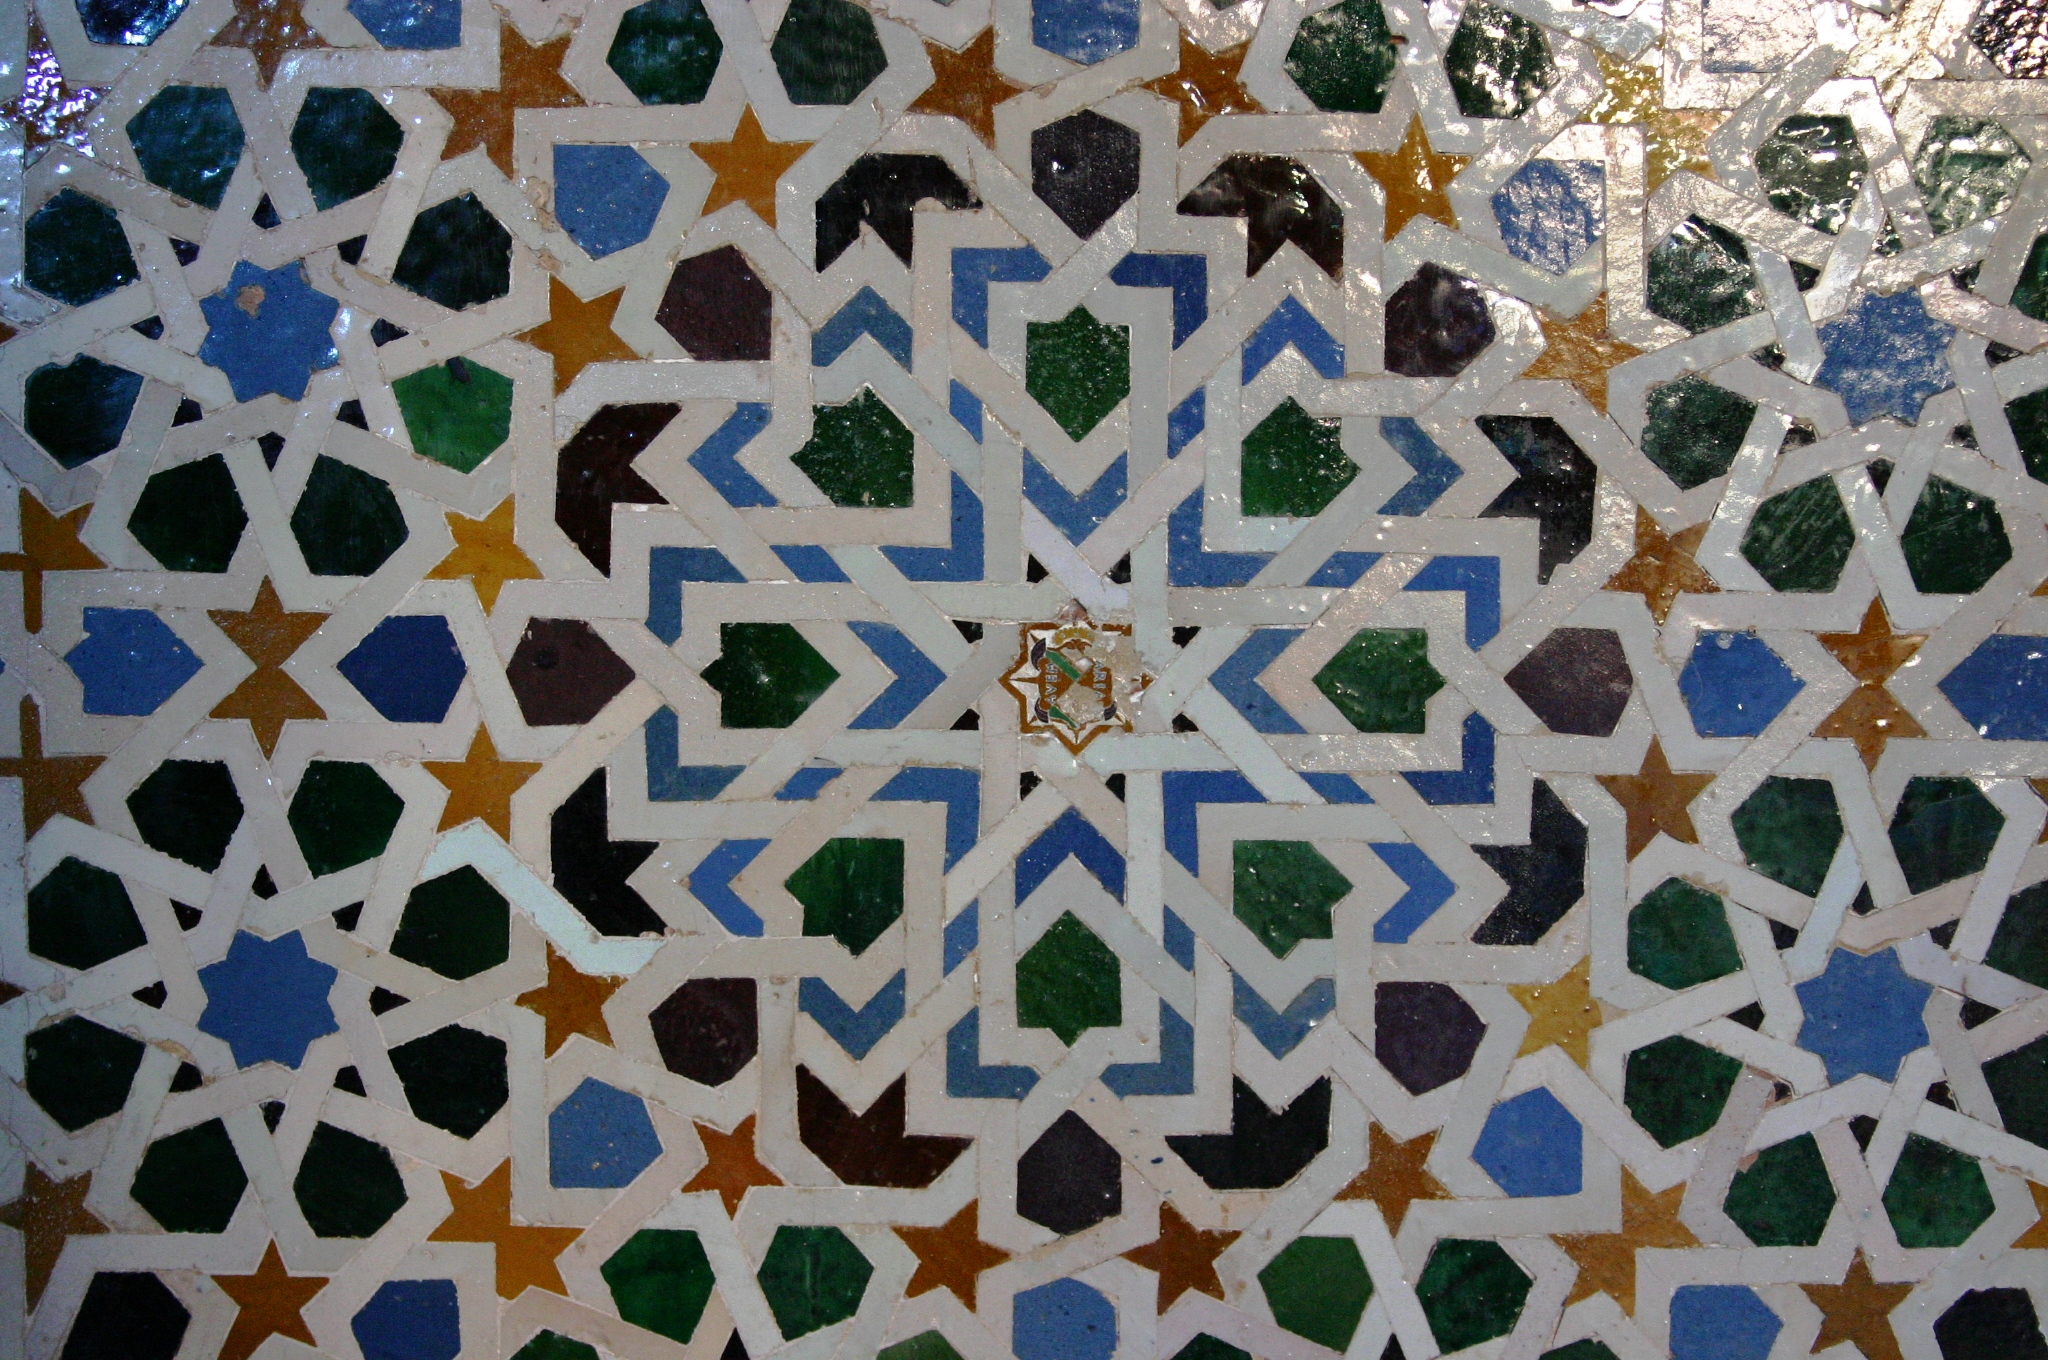 Hoy te recomiendo viajar a la alhambra o las mil y una noches - Zocalos de azulejos ...